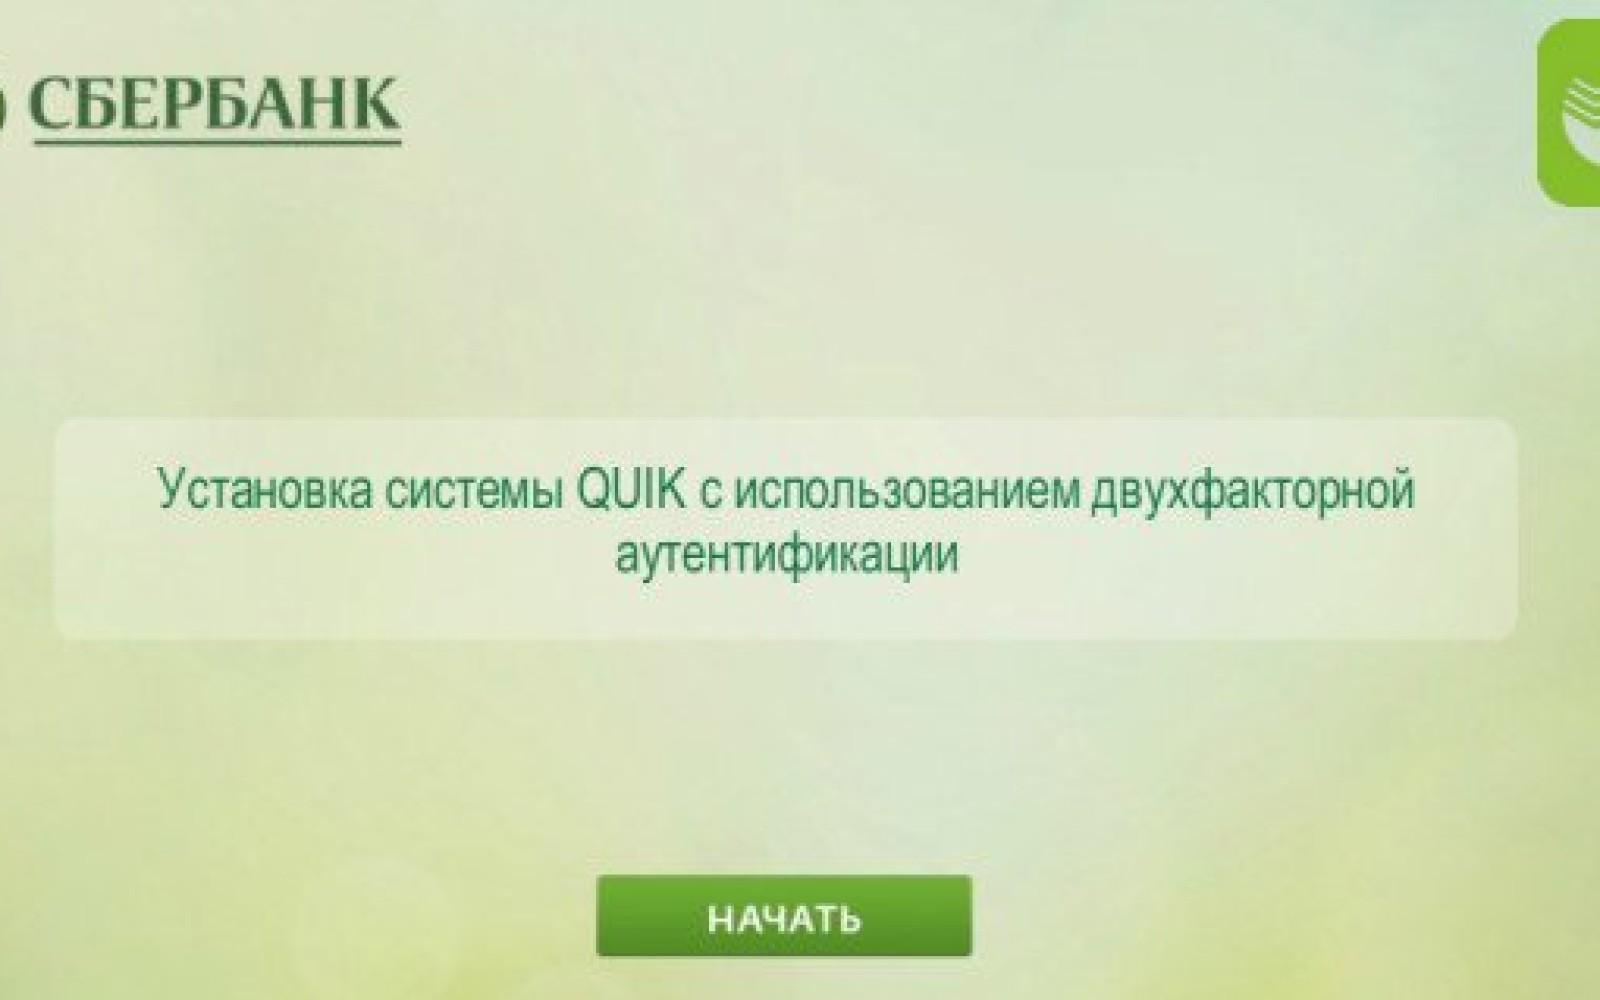 Купить акции Газпрома физическому лицу в Сбербанке